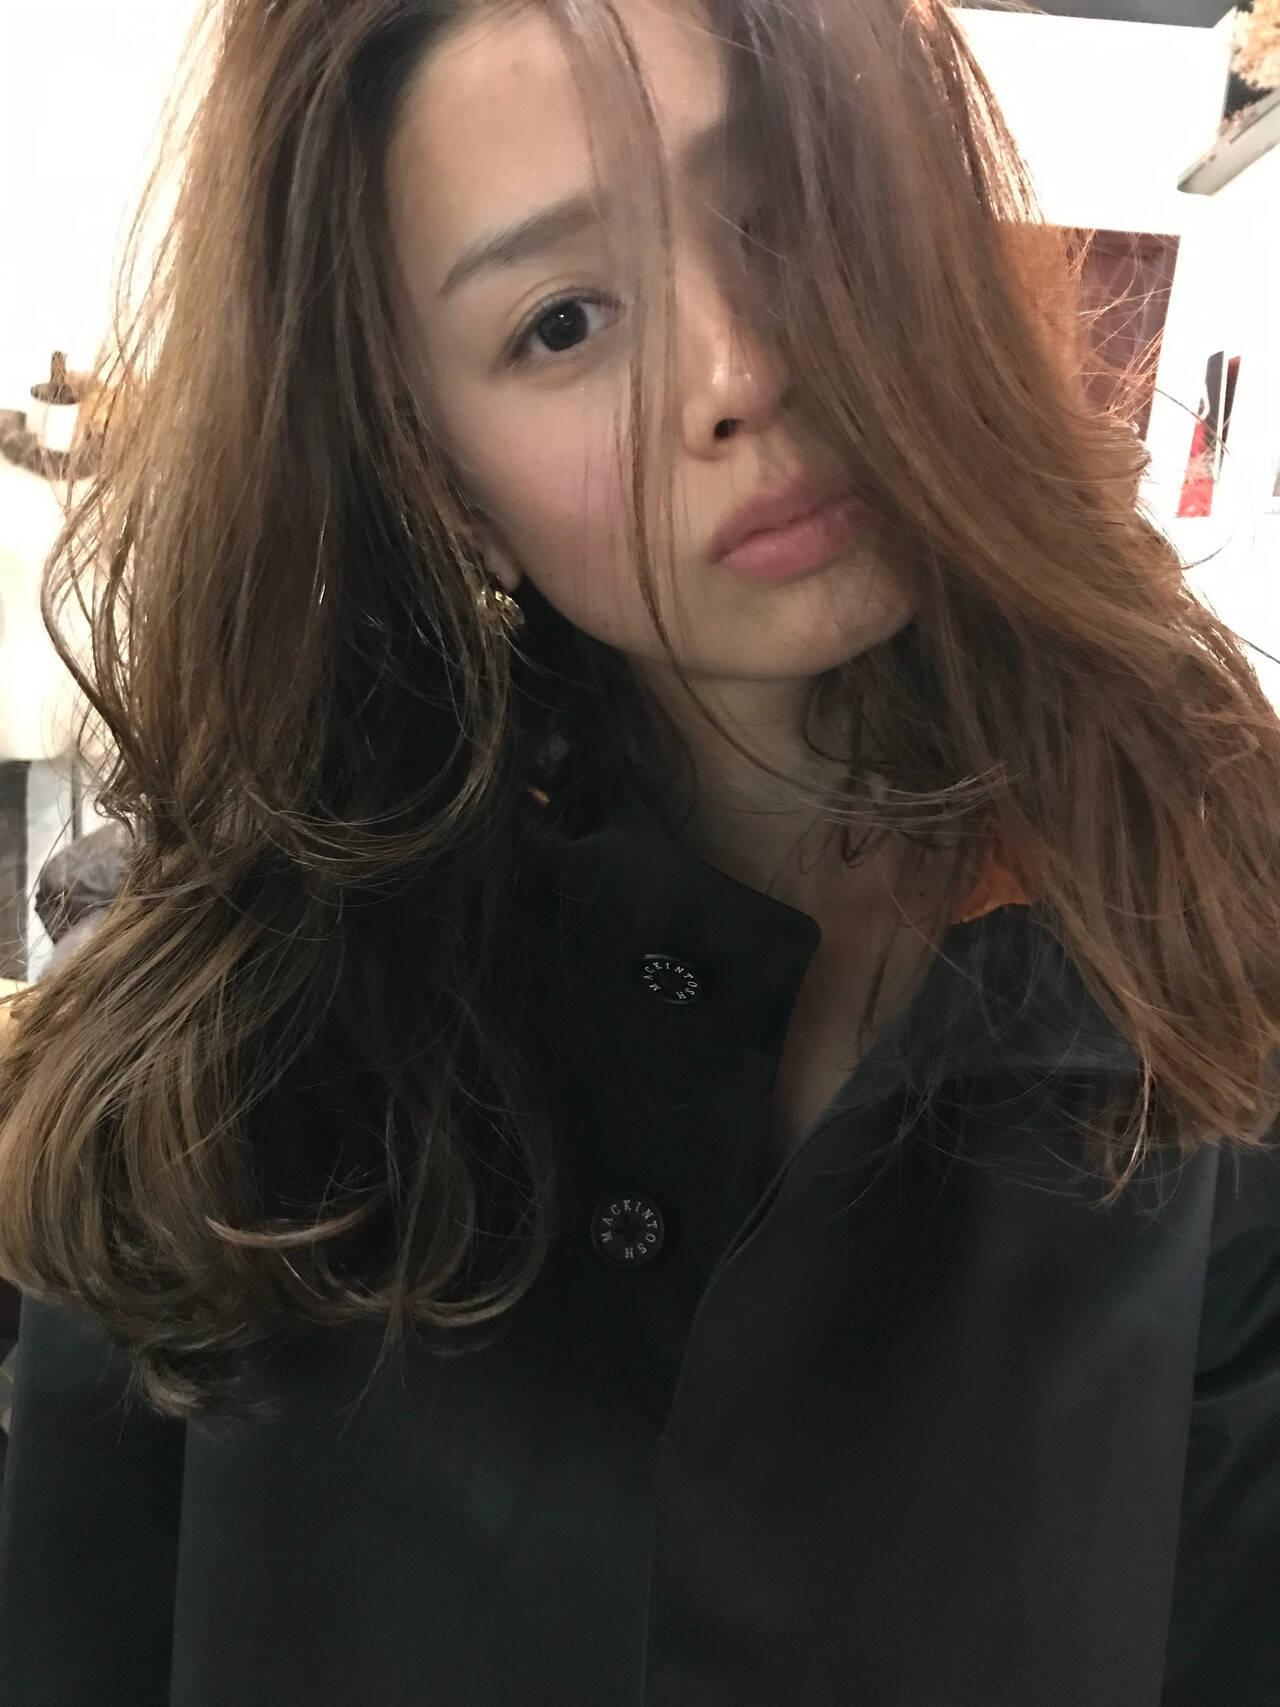 レイヤーロングヘア ナチュラル 大人可愛い ロングヘアスタイルや髪型の写真・画像